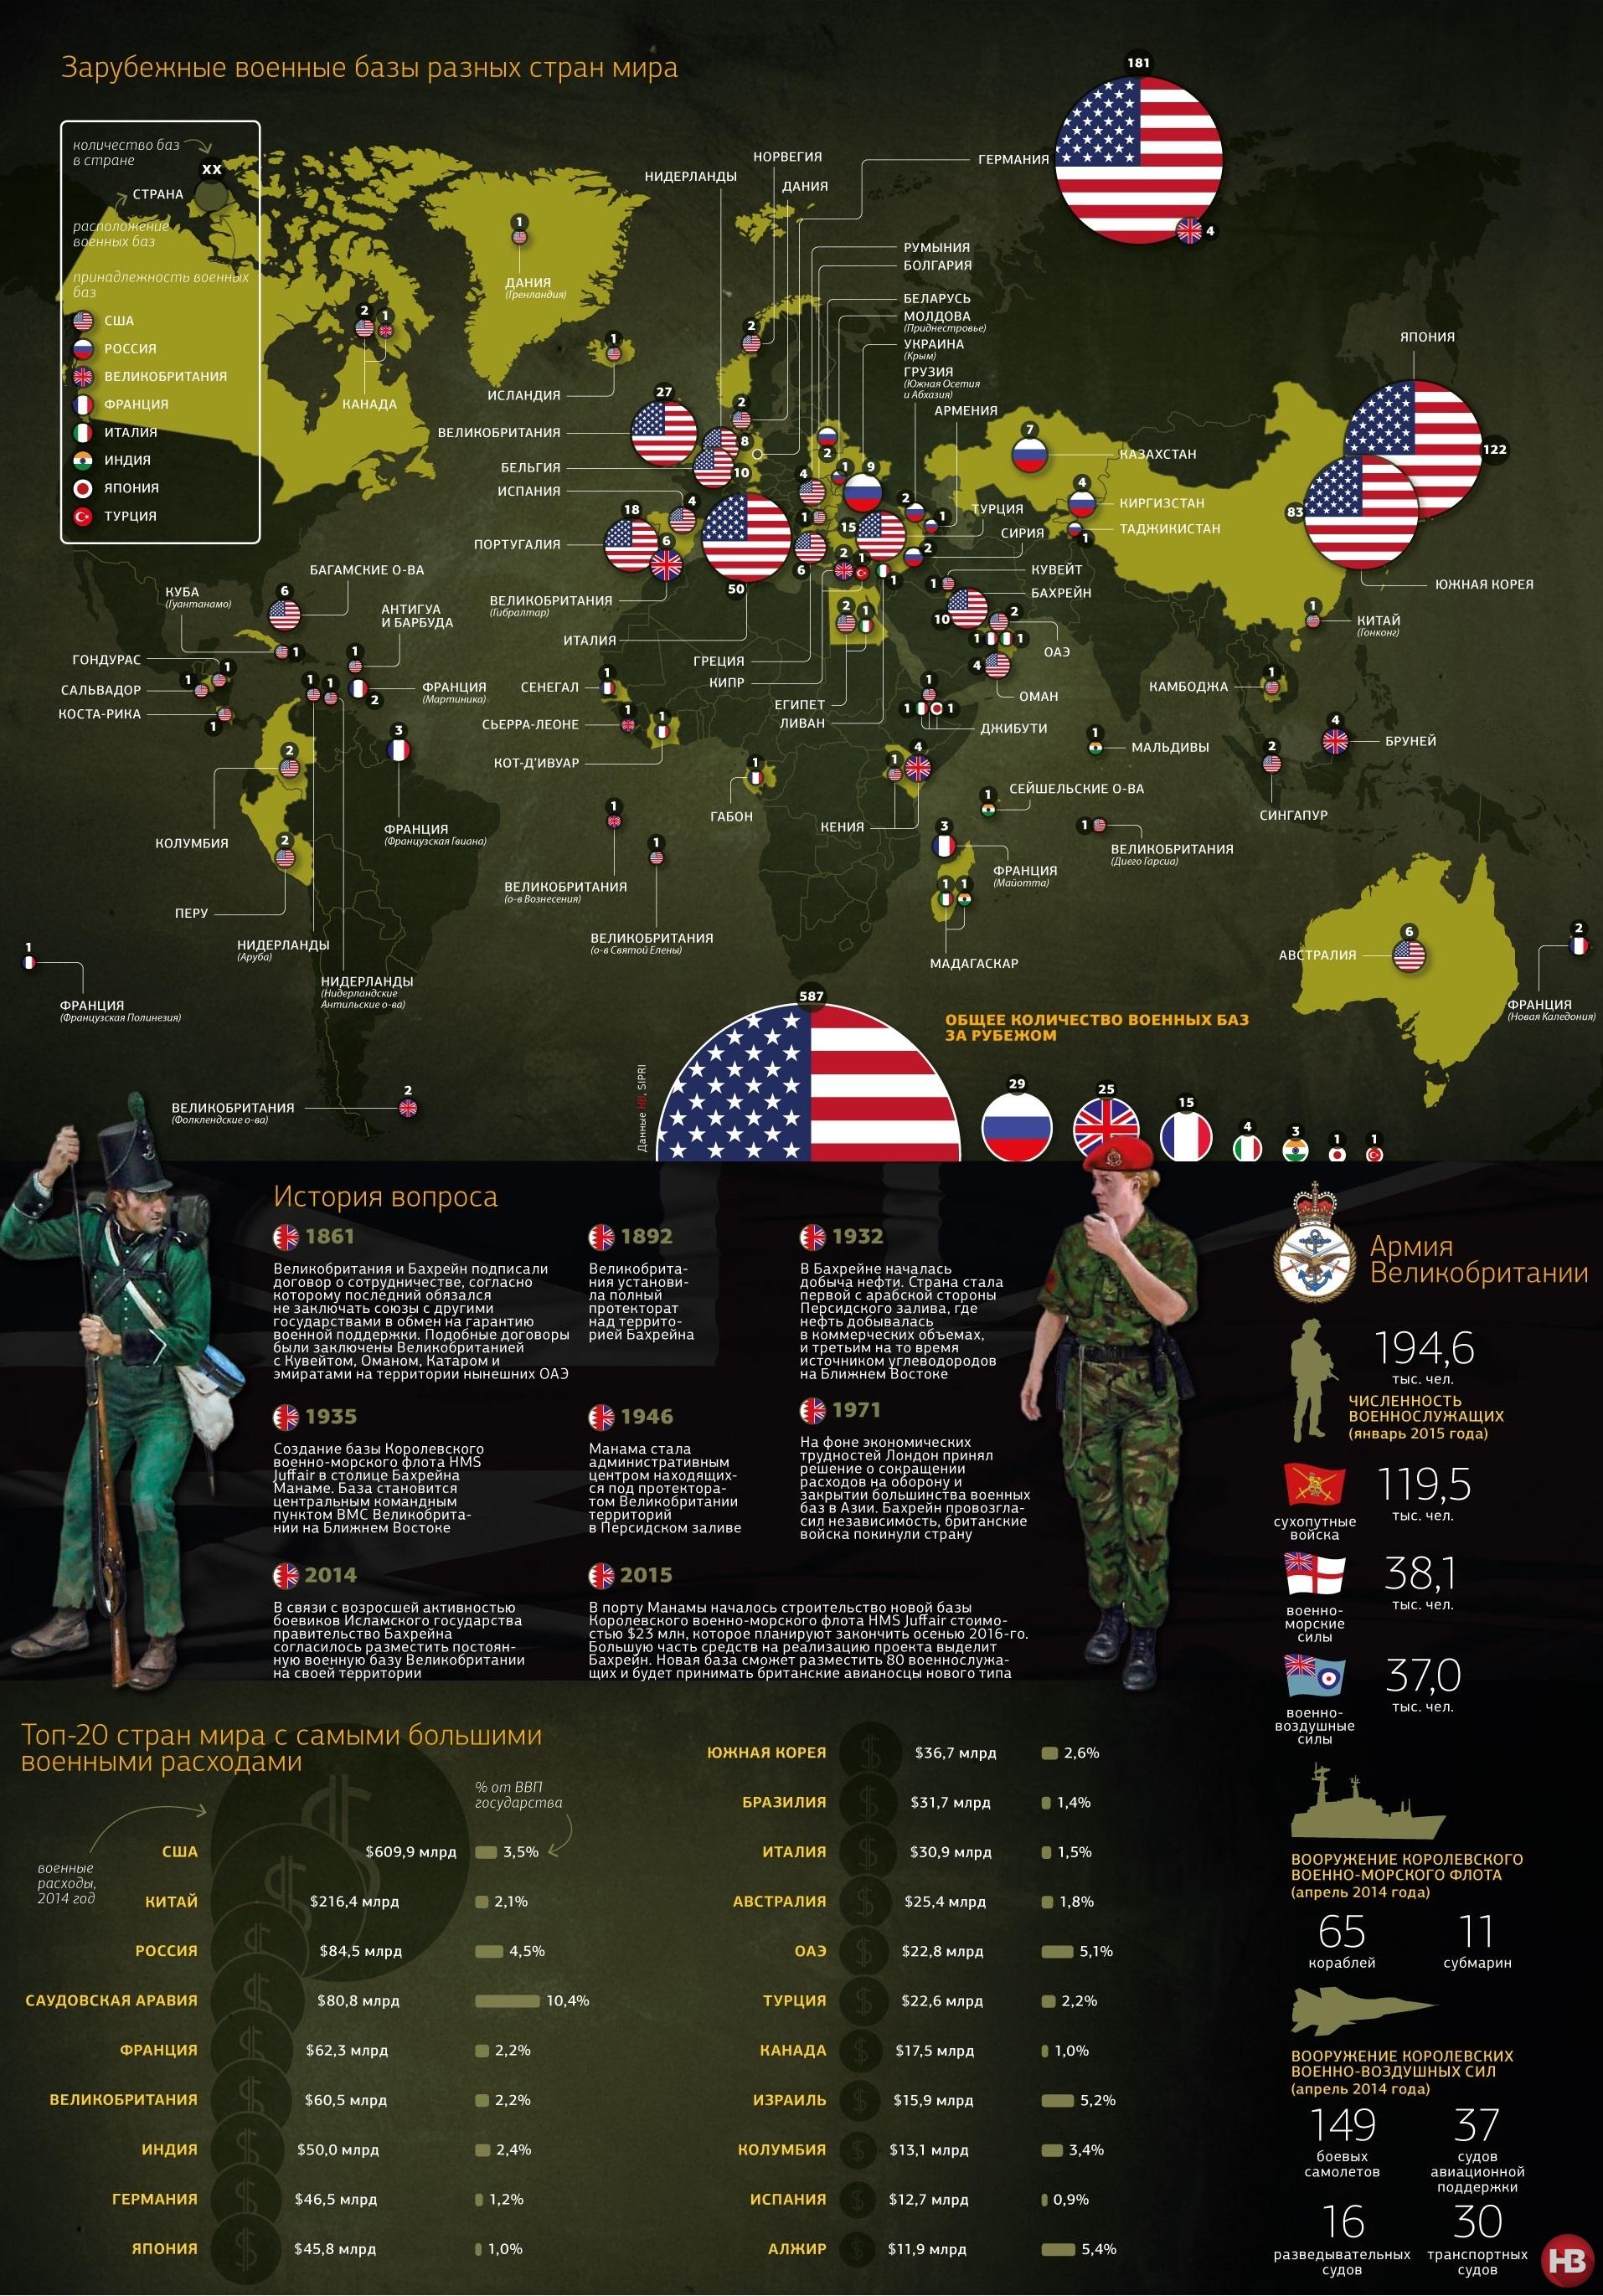 военные базы сша на карте